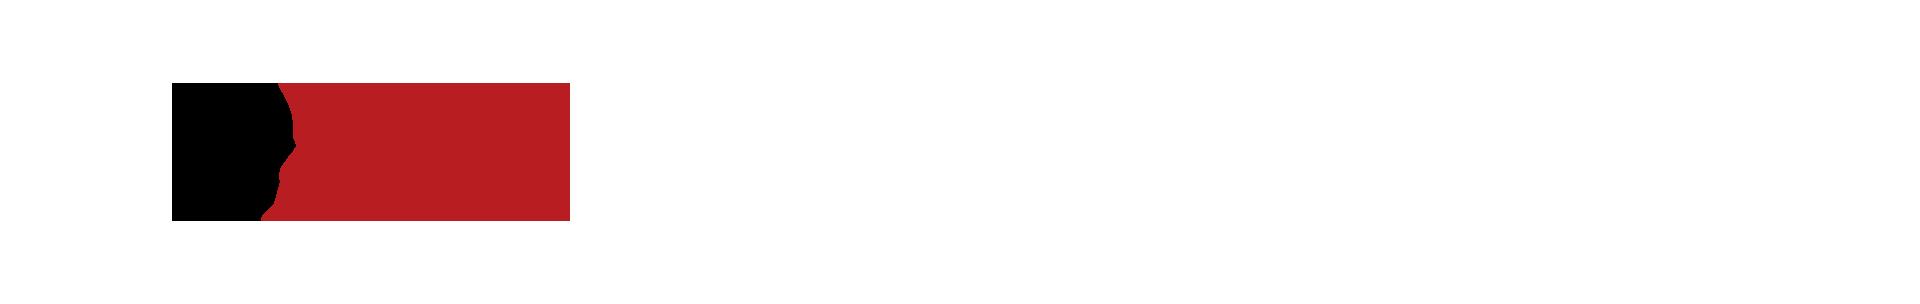 """Kopf-Icon mit Puzzleteil und Schriftzug """"Planspiele & Simulationen"""""""